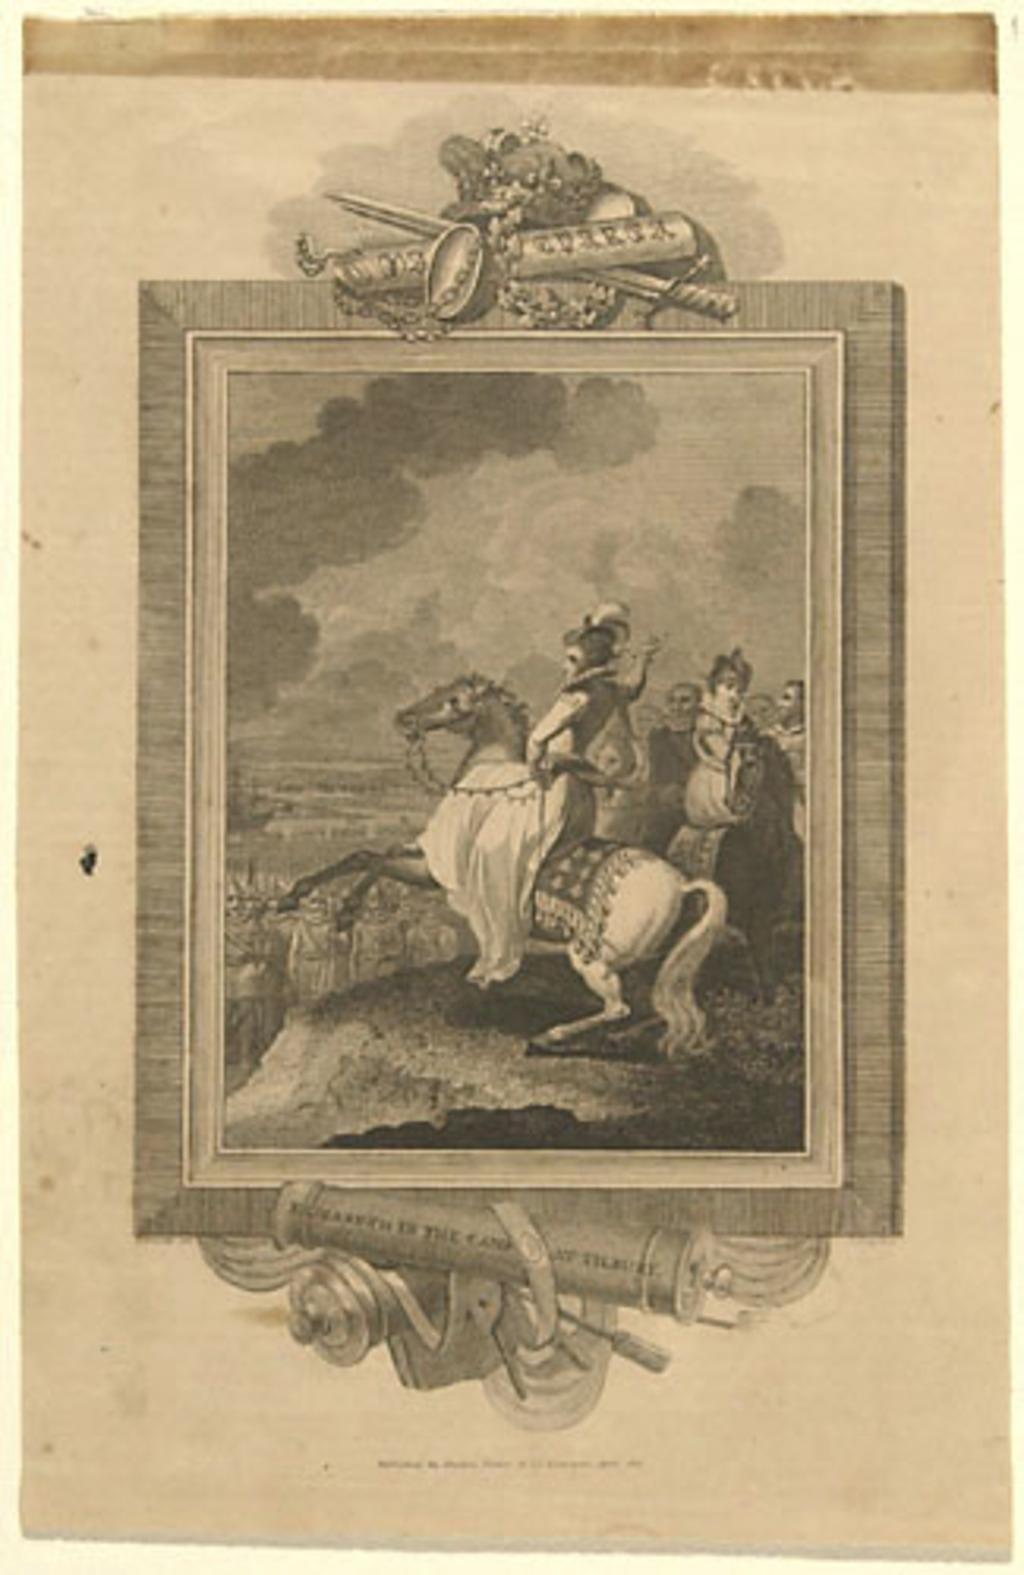 Élisabeth au camp de Tilbury, extrait de l'ouvrage Histoire de l'Angleterre de Theophilus Camden